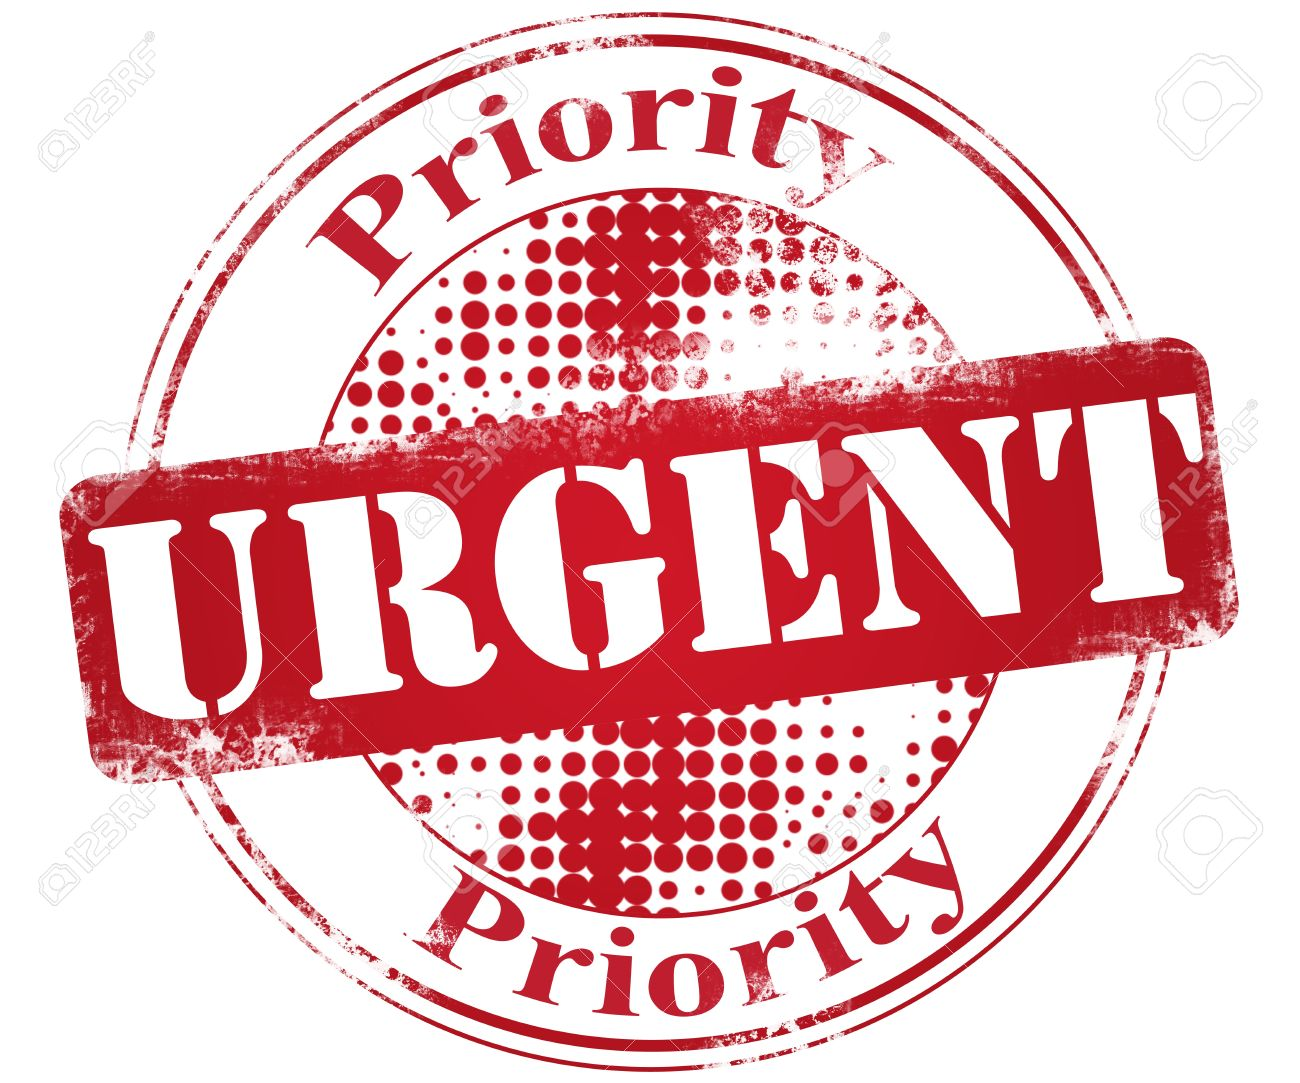 """Résultat de recherche d'images pour """"urgent"""""""